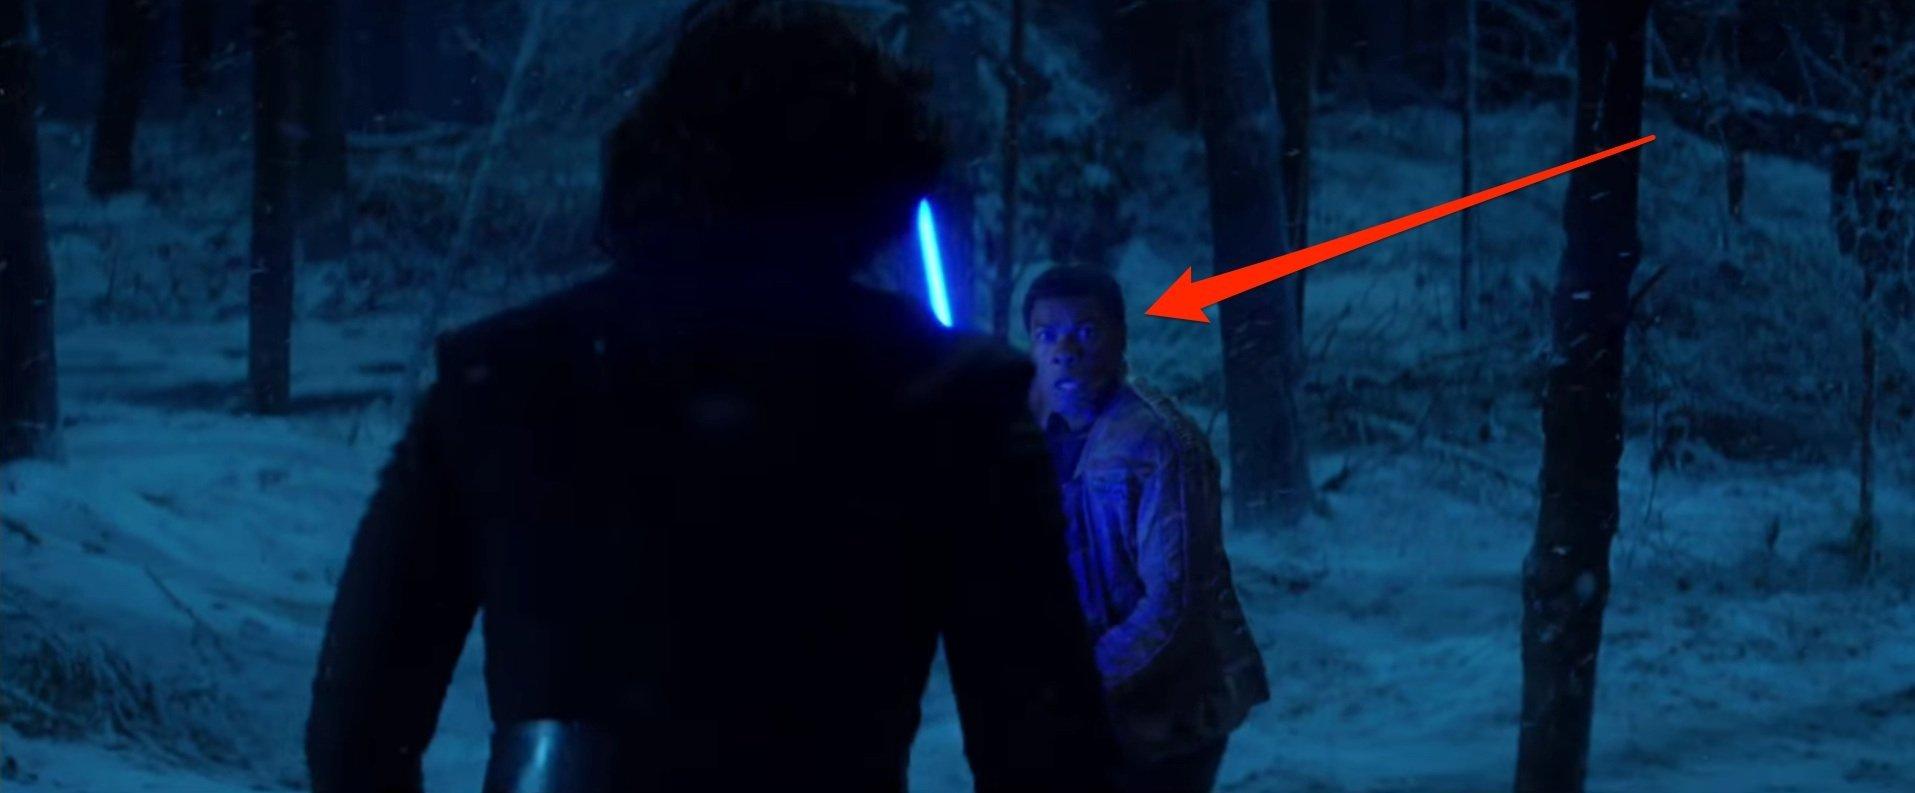 Разбор трейлера «Star Wars: Episode VII». Почему плачет Рей? (осторожно, потенциальный спойлер) - 13